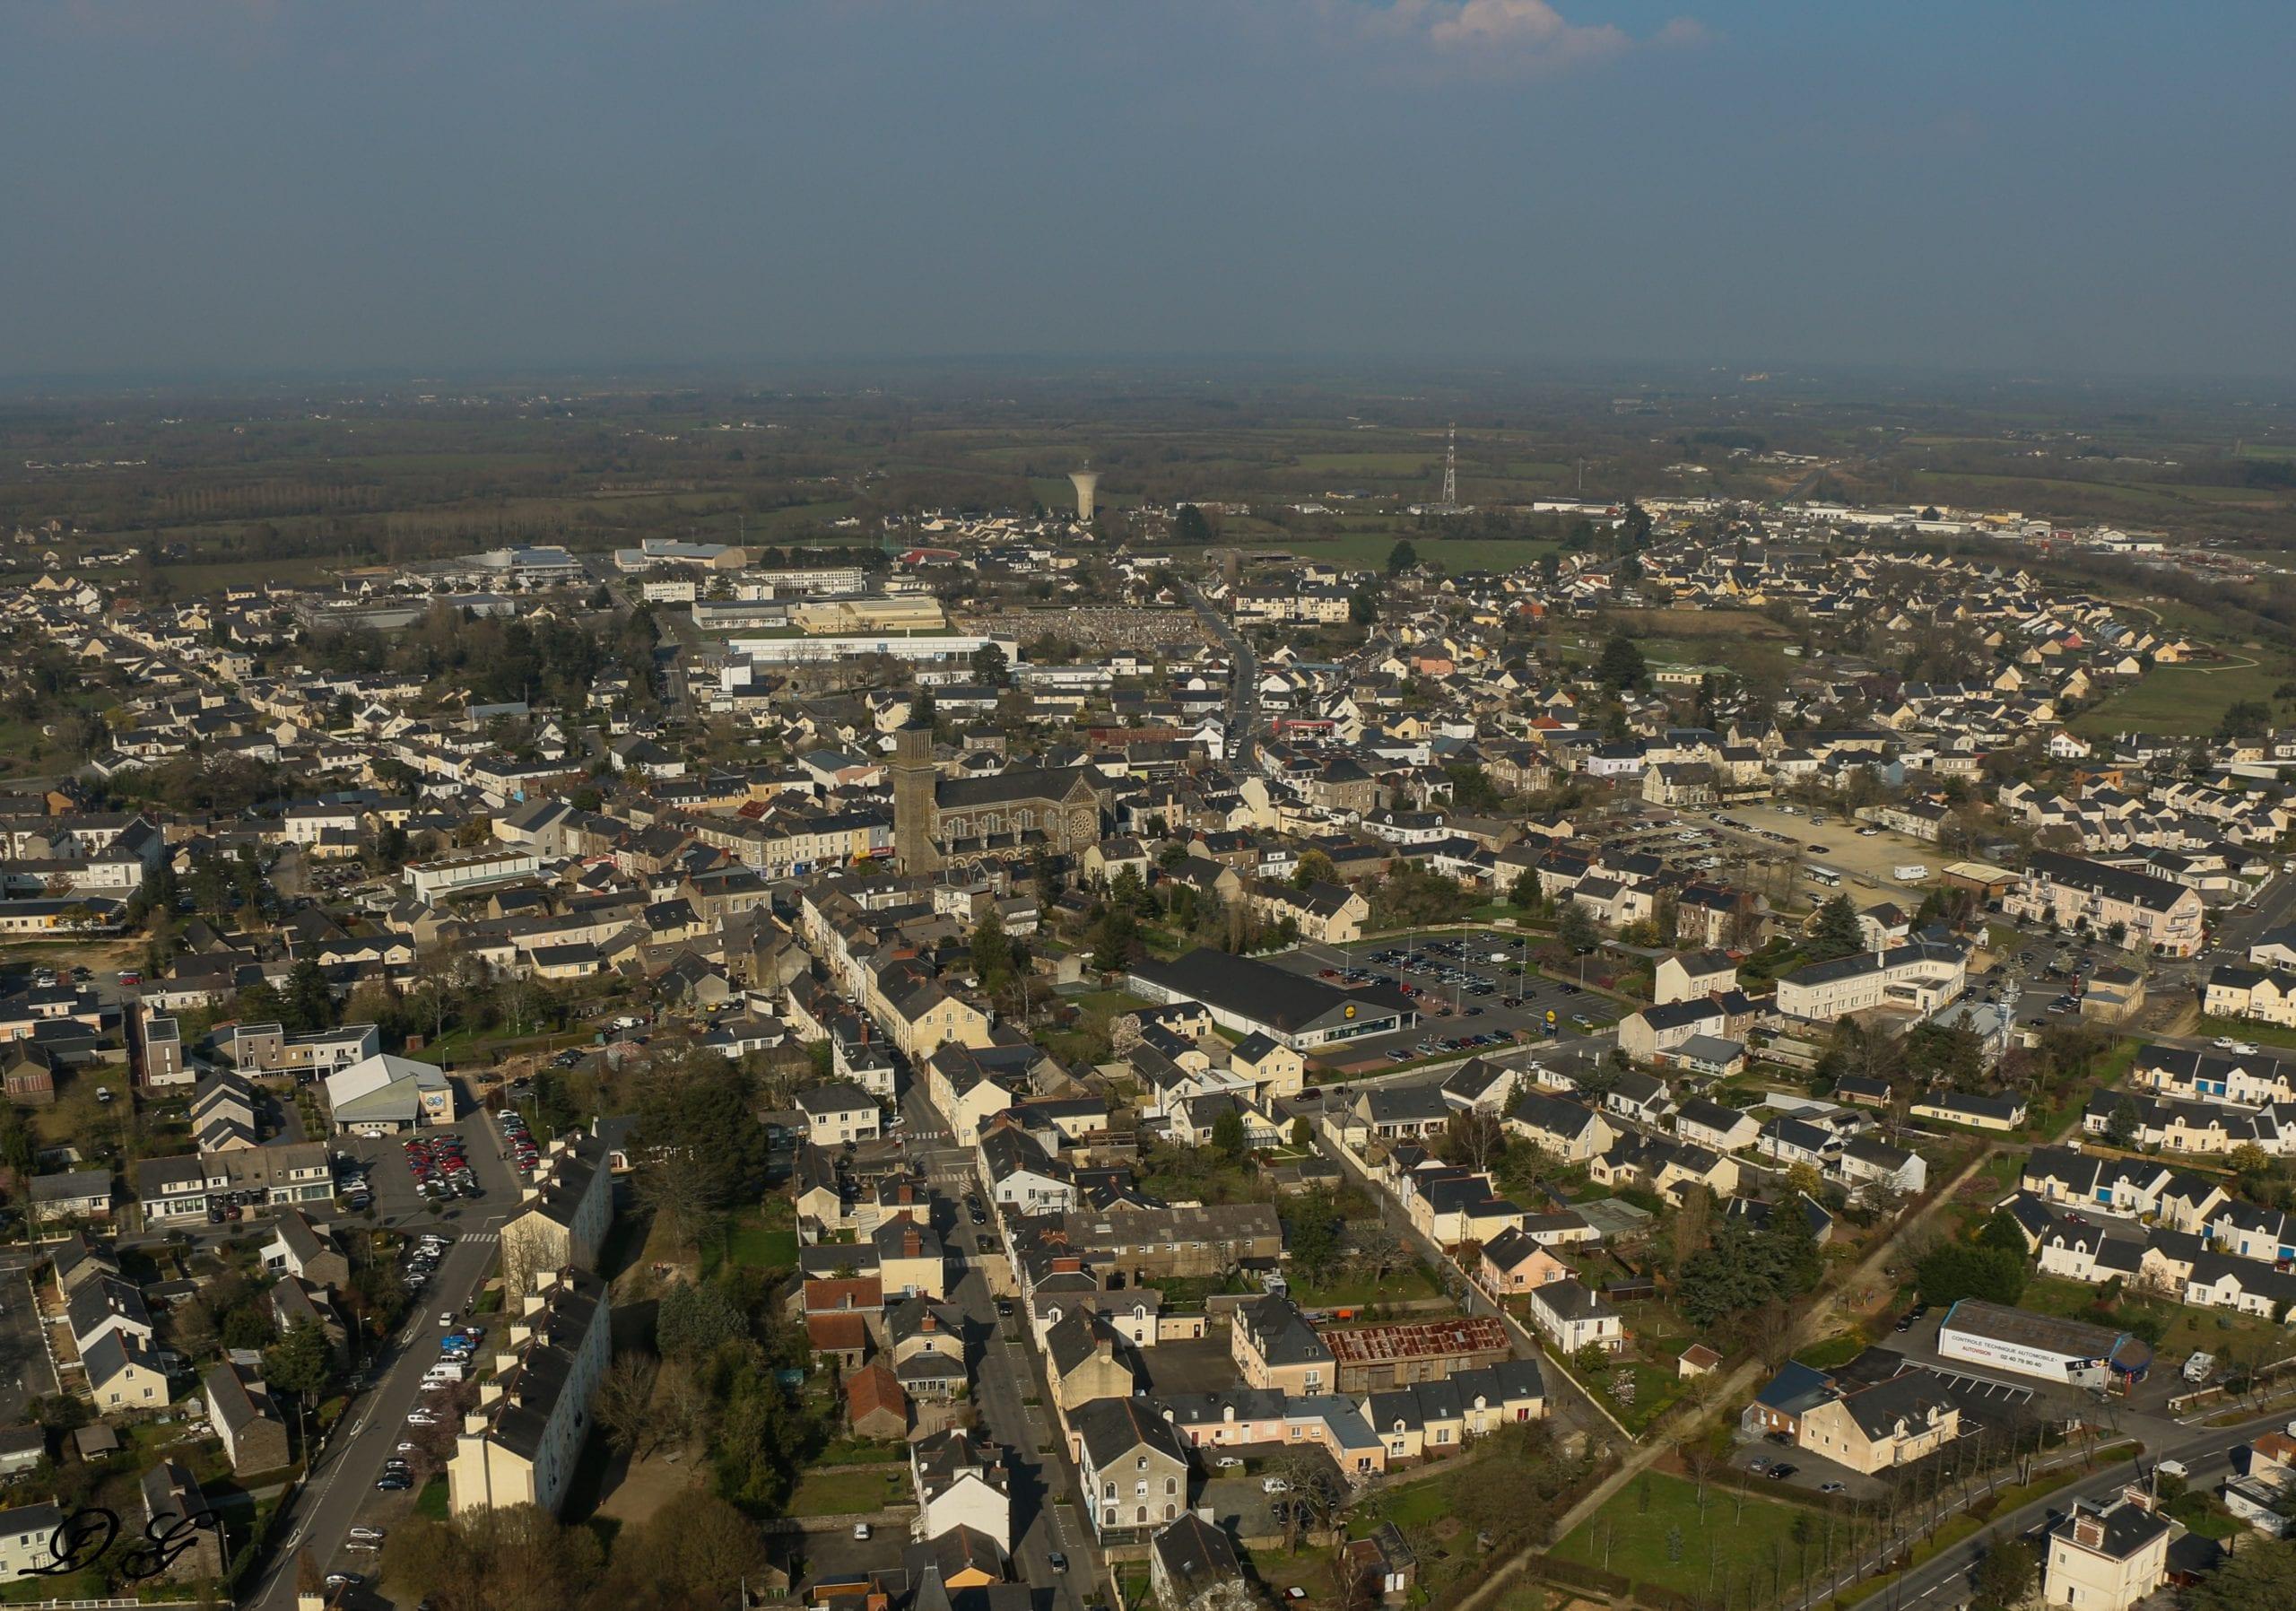 Ville de Blain (copyright Photo aérienne paramoteur)